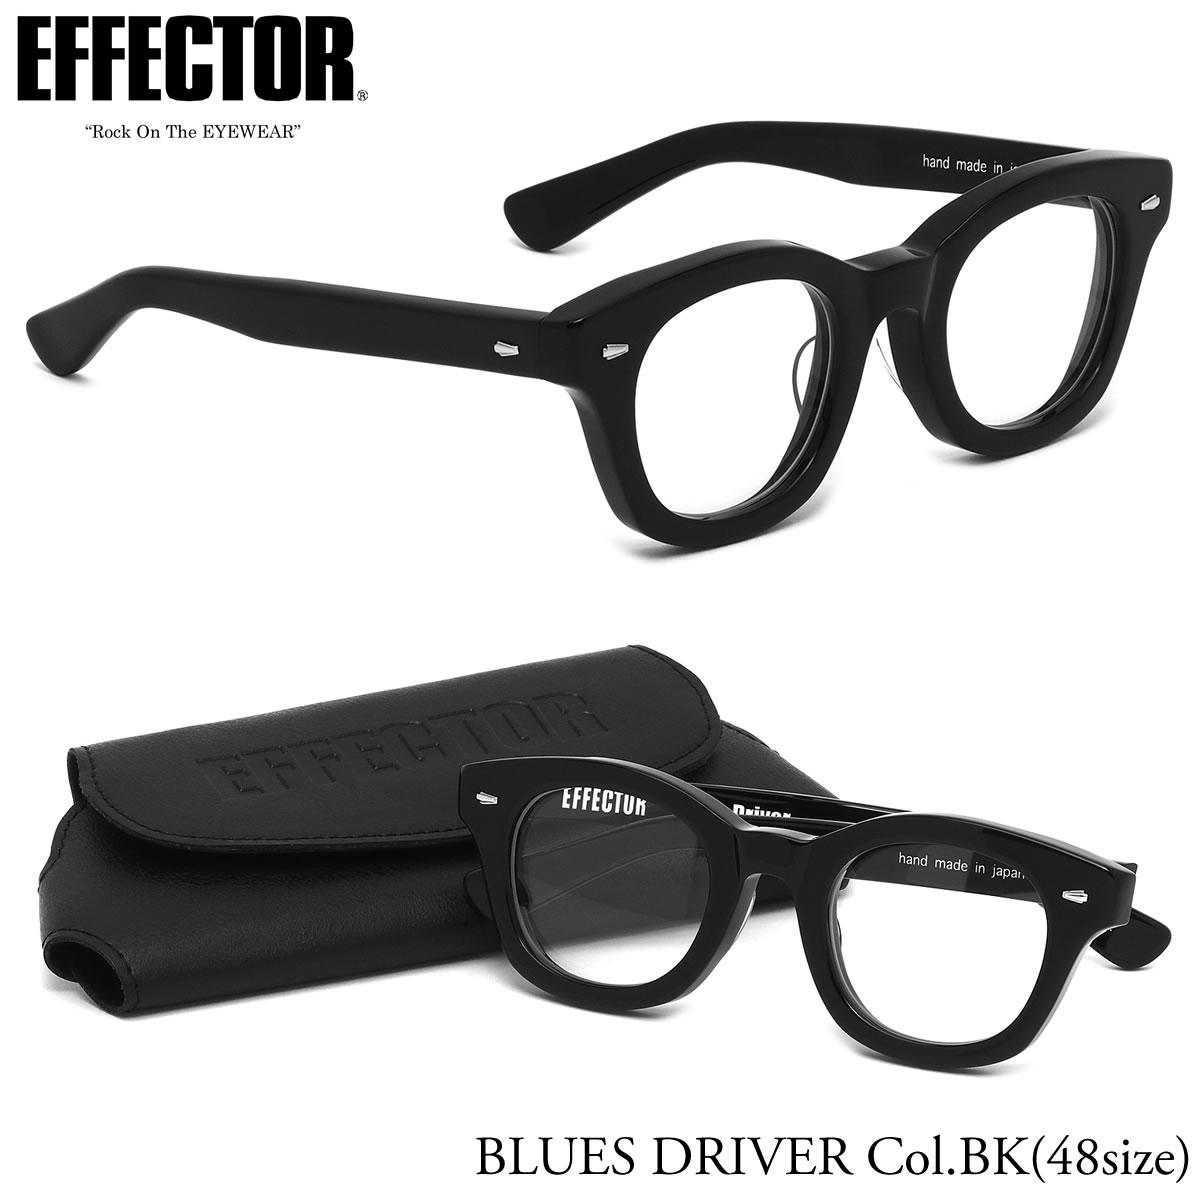 エフェクター EFFECTOR メガネ 伊達メガネセット BLUESDRIVER BK 48サイズ BLUESDRIVER ブルースドライバー ウェリントン 日本製 UVカット仕様 伊達メガネレンズ付 エフェクター EFFECTOR メンズ レディース